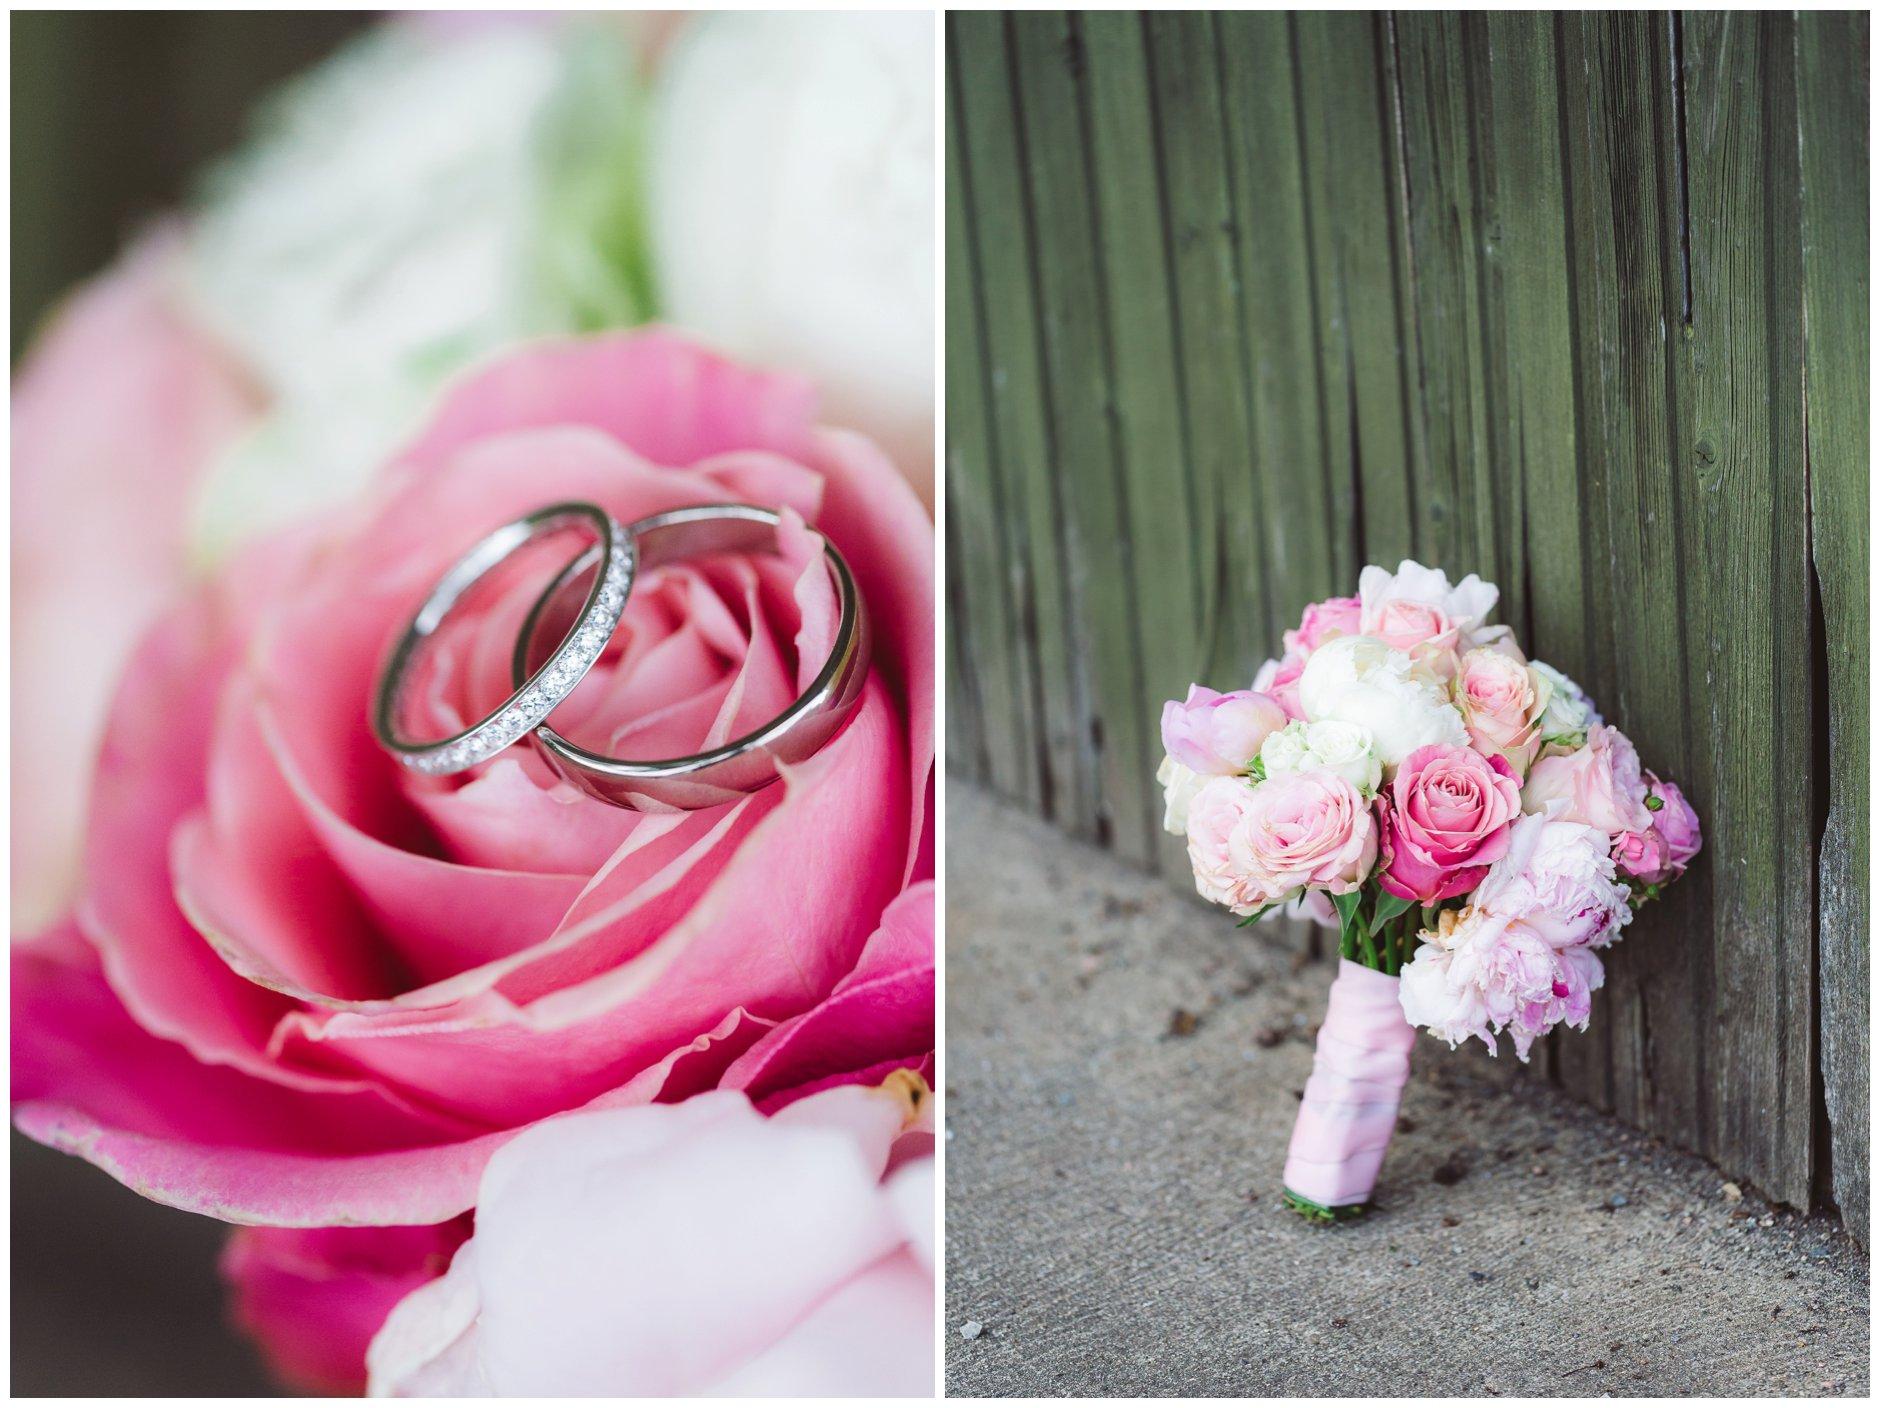 Fotograf-Eline-Jacobine-Bryllupsbilder-detaljer-Ullern-Vækerøparkenrosa-toner-brudebukett-peoner-roser-slitt-bakgrunn-rustikk-gifteringer-diamanter-hvitt-gull